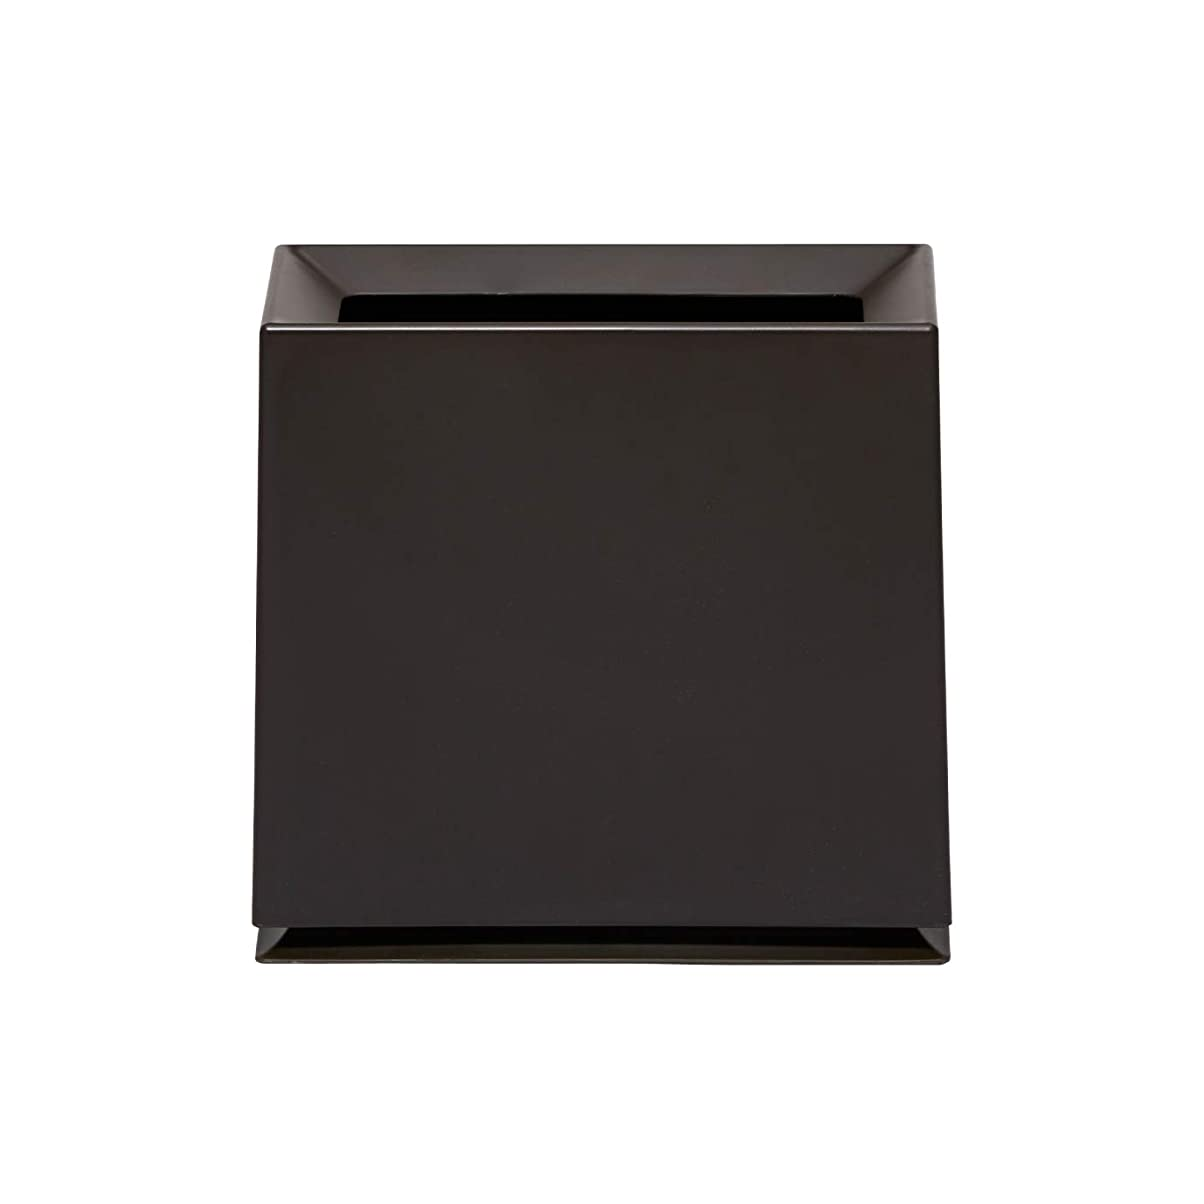 絞る成功する入手しますideaco (イデアコ) フタなしゴミ箱 ブラウン 幅31.5cmx高さ30cmx奥行14.5cm チューブラーブリック マット